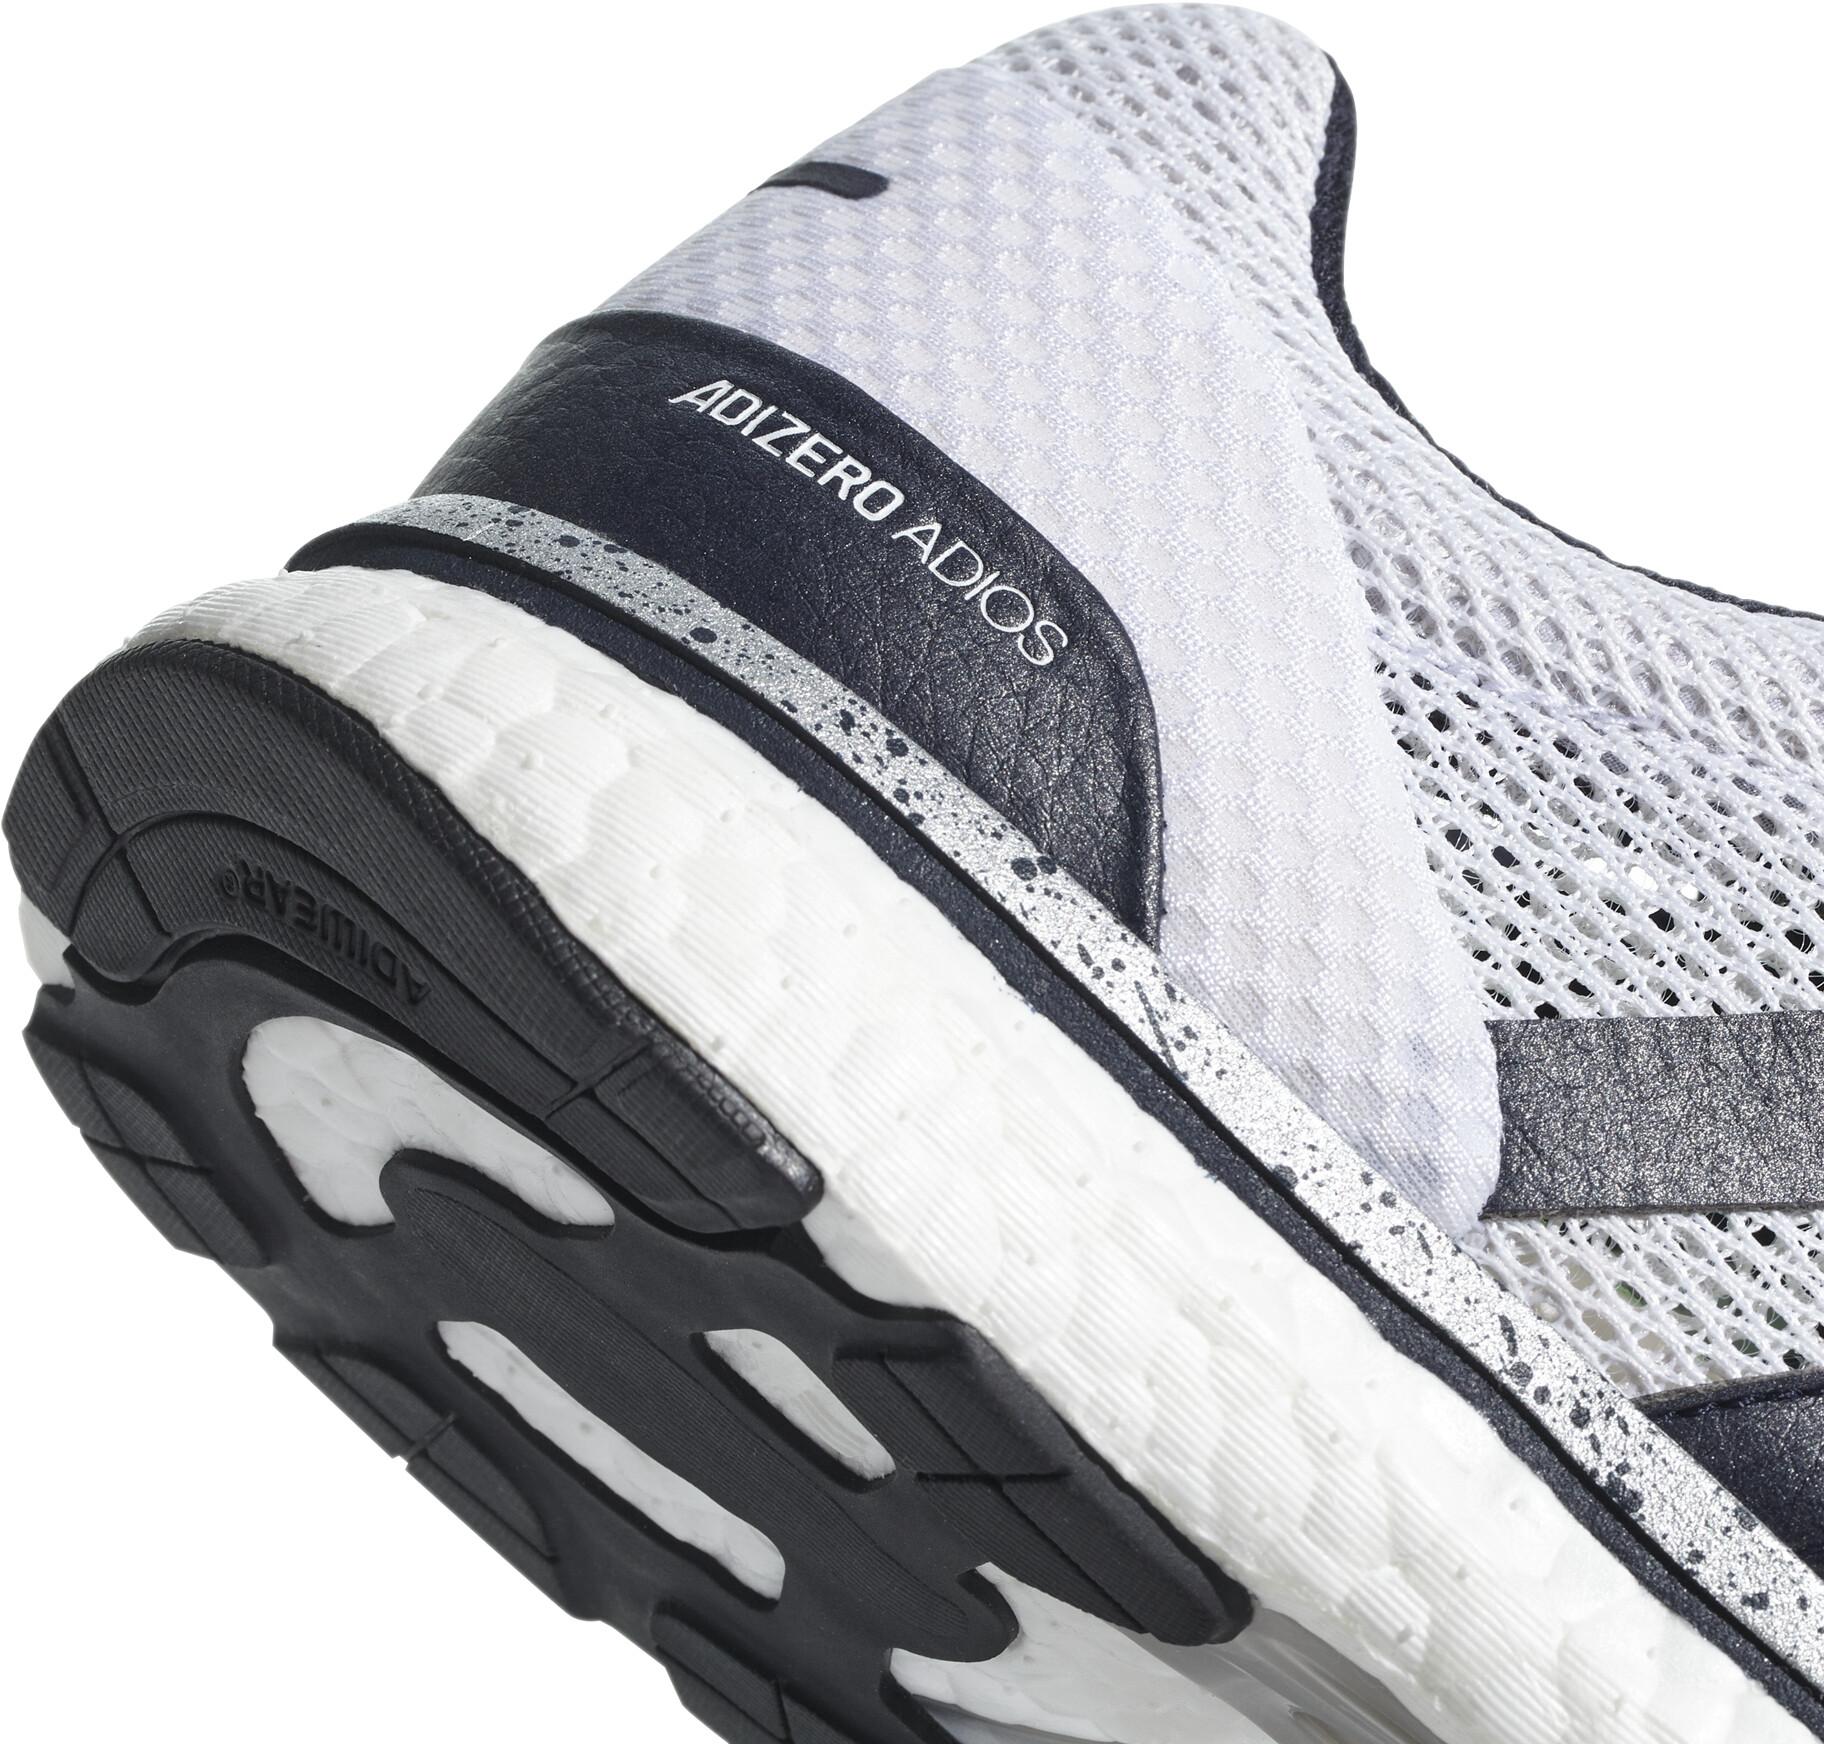 the best attitude 7d3bb 6f92c adidas Adizero Adios 3 Running Shoes Men Legend InkShock LimeHi-Res